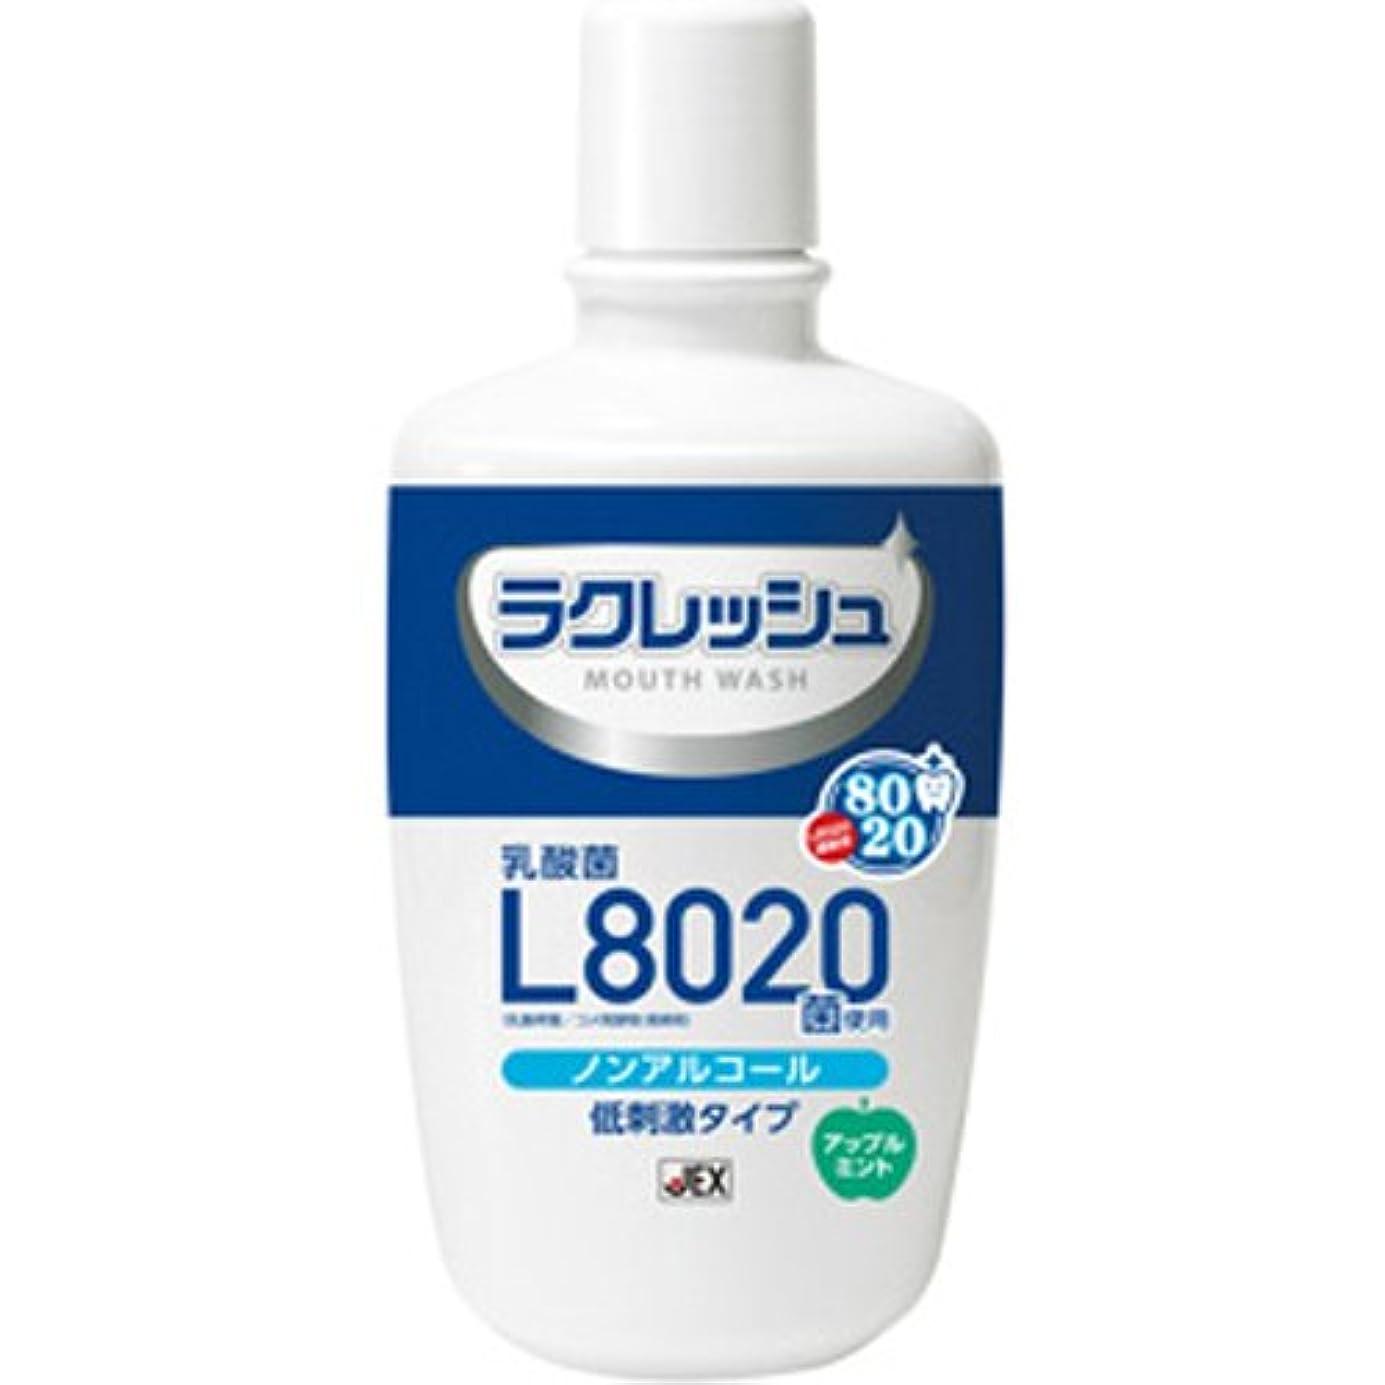 オープナーノート平らにするラクレッシュ L8020菌入 マウスウォッシュ × 5個セット